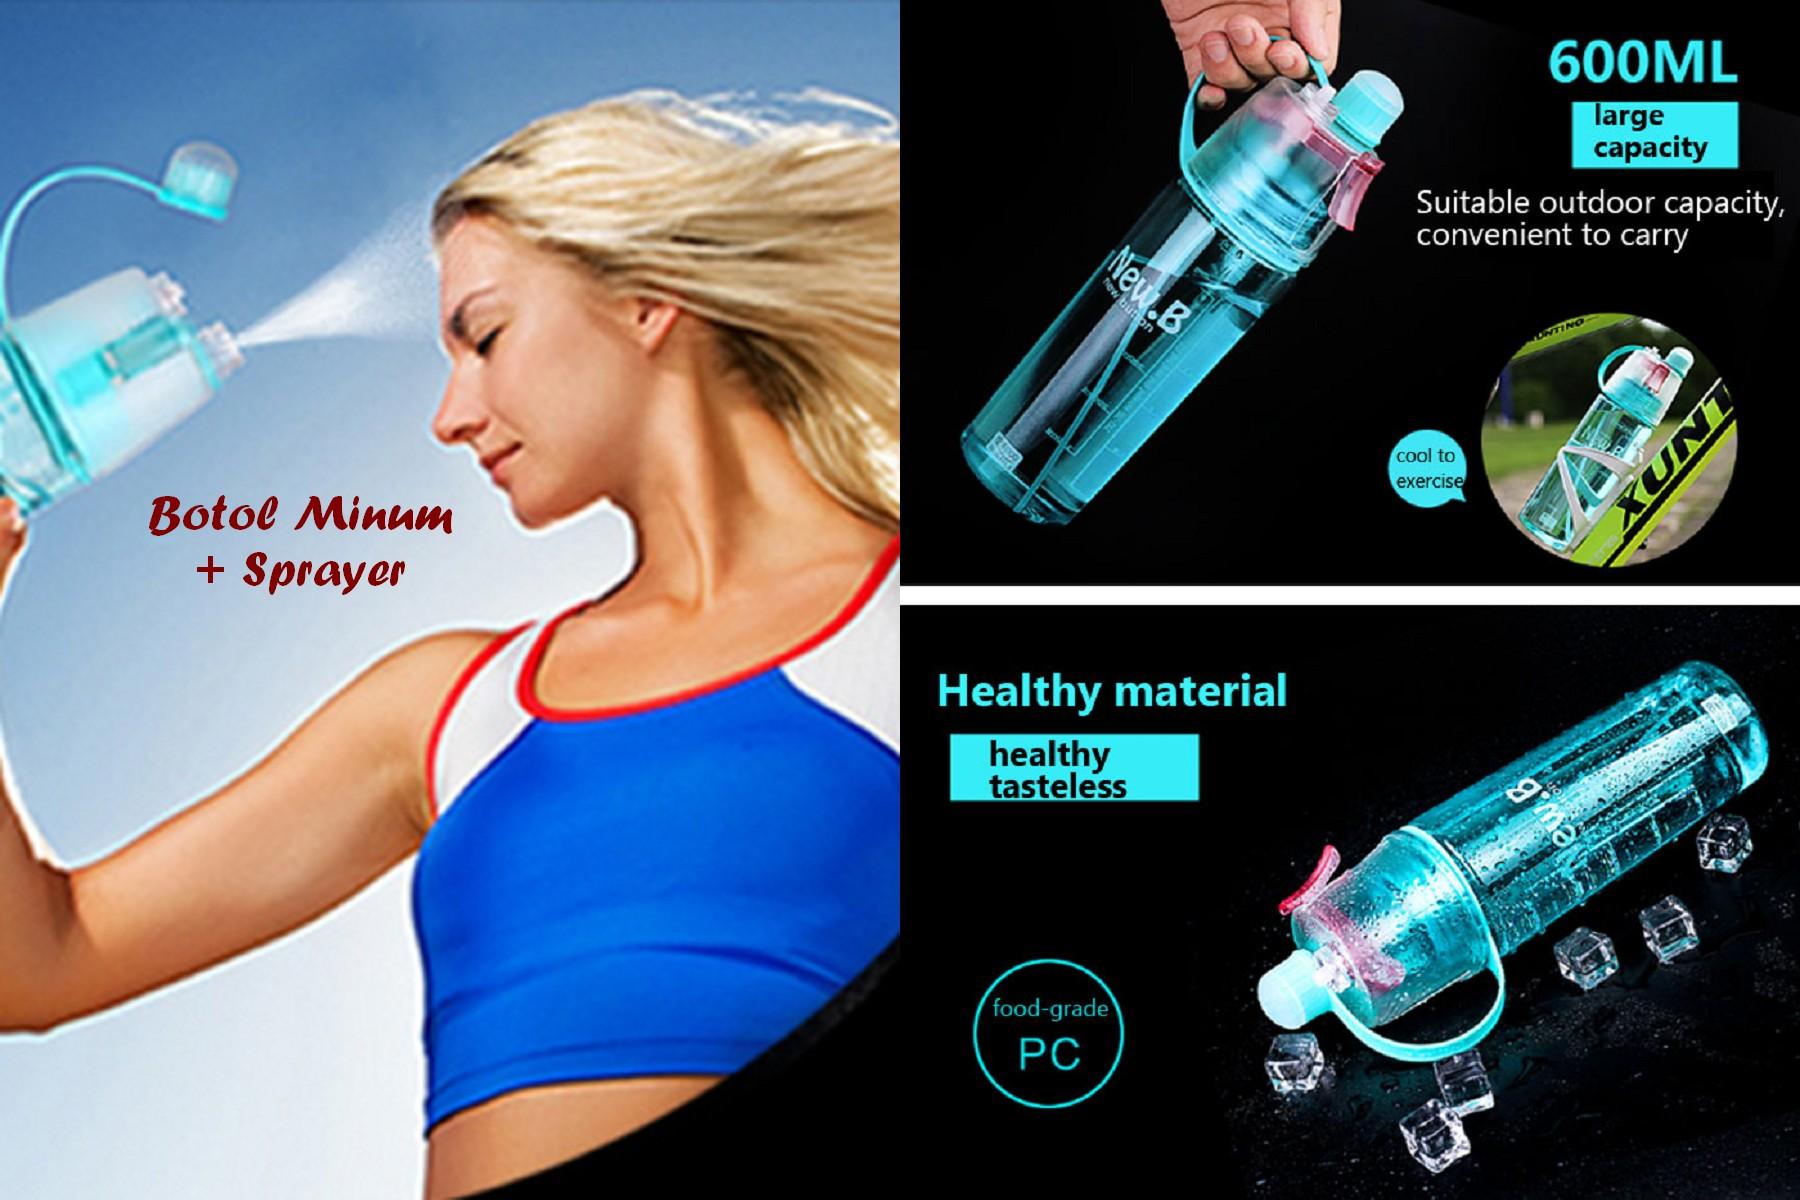 Jual Botol Minum Spray Dunia Dapur Ku Tokopedia New B Dengan 600ml